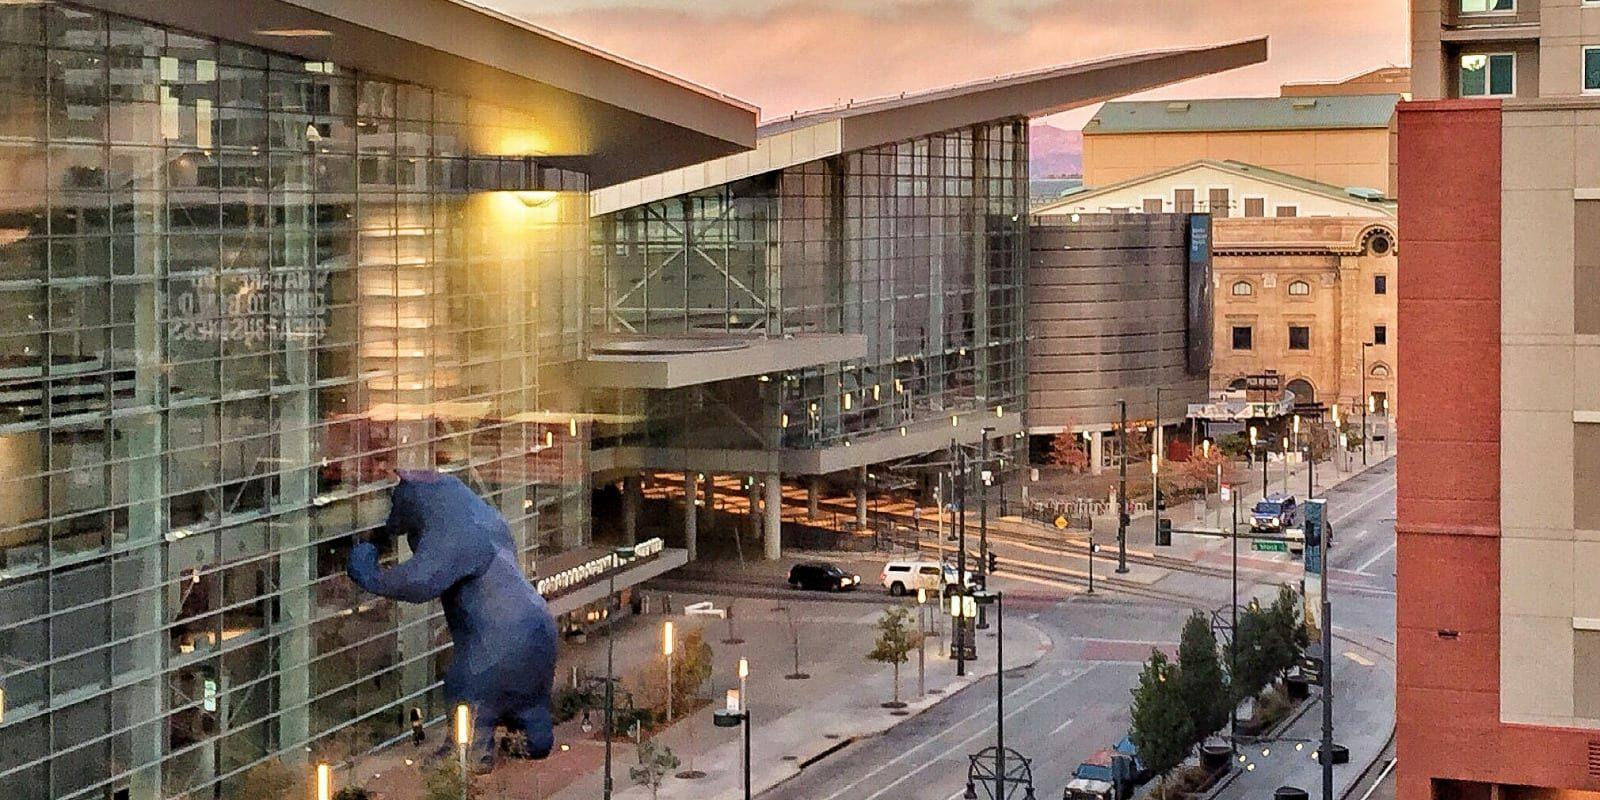 Colorado Convention Center in Denver, CO